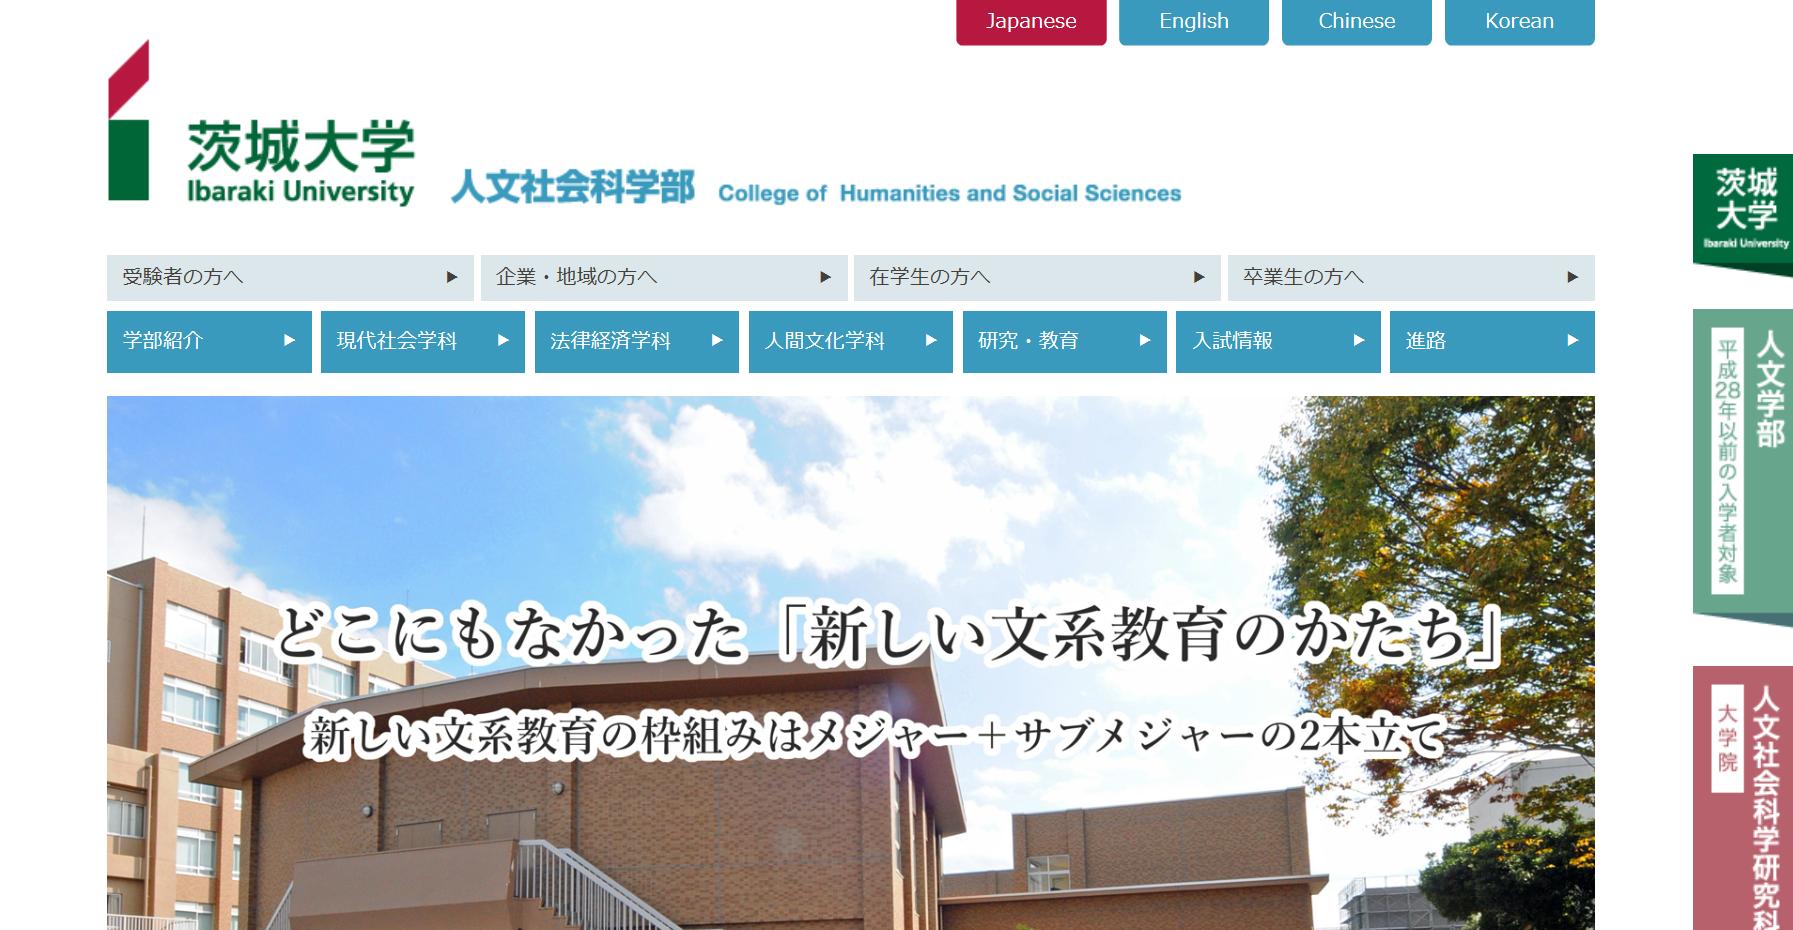 茨城大学の評判・口コミ【人文社会科学部編】